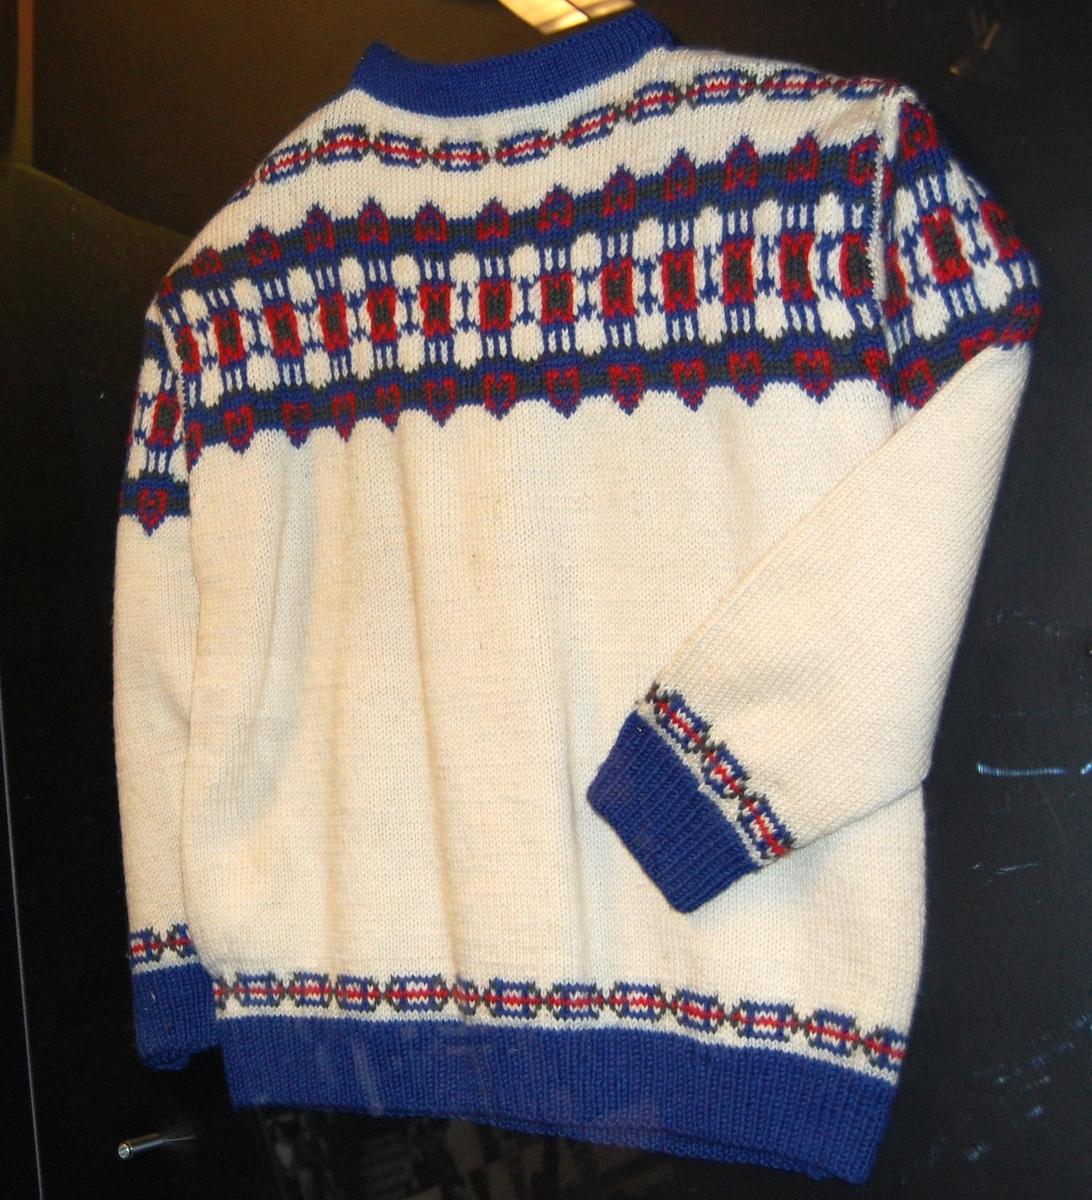 Hvit genser av ull med flerfarget mønster.